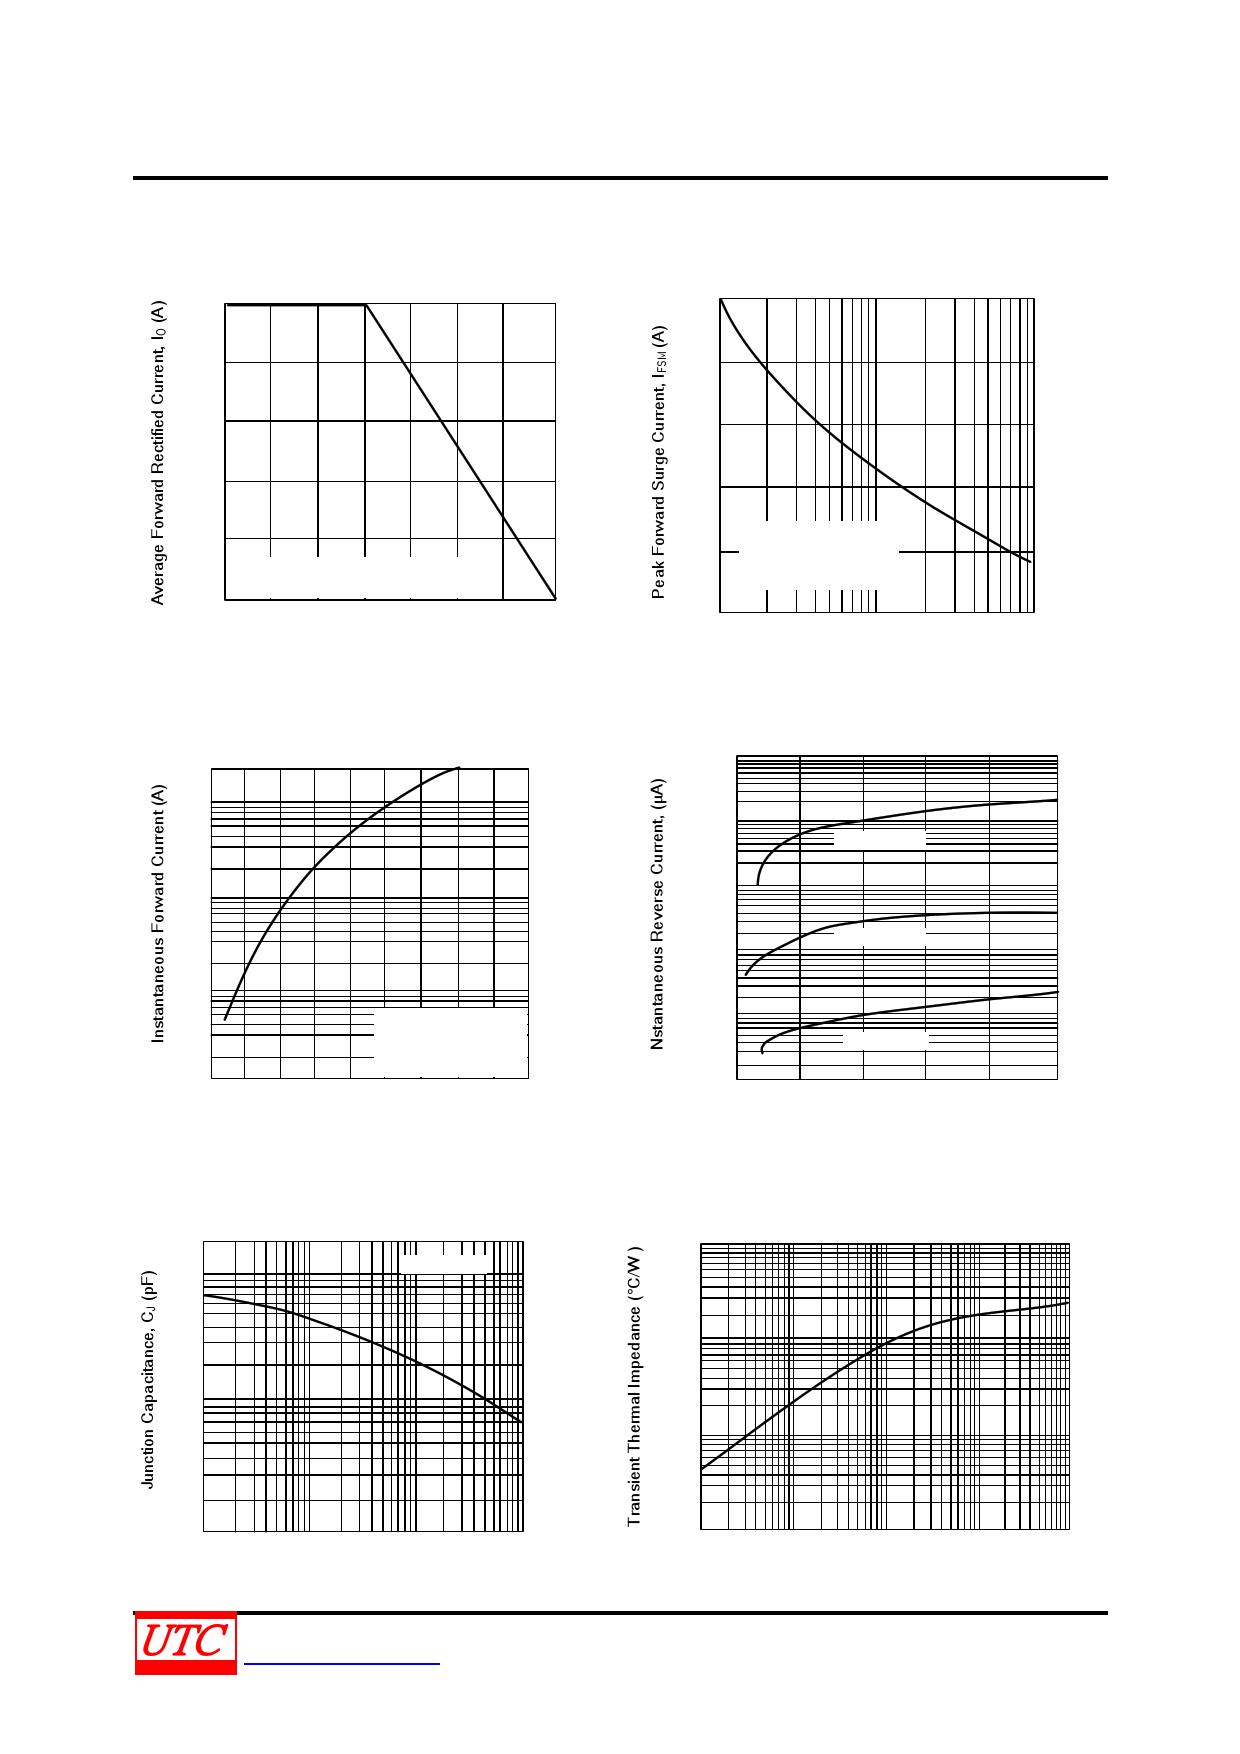 1N5401G pdf, ピン配列